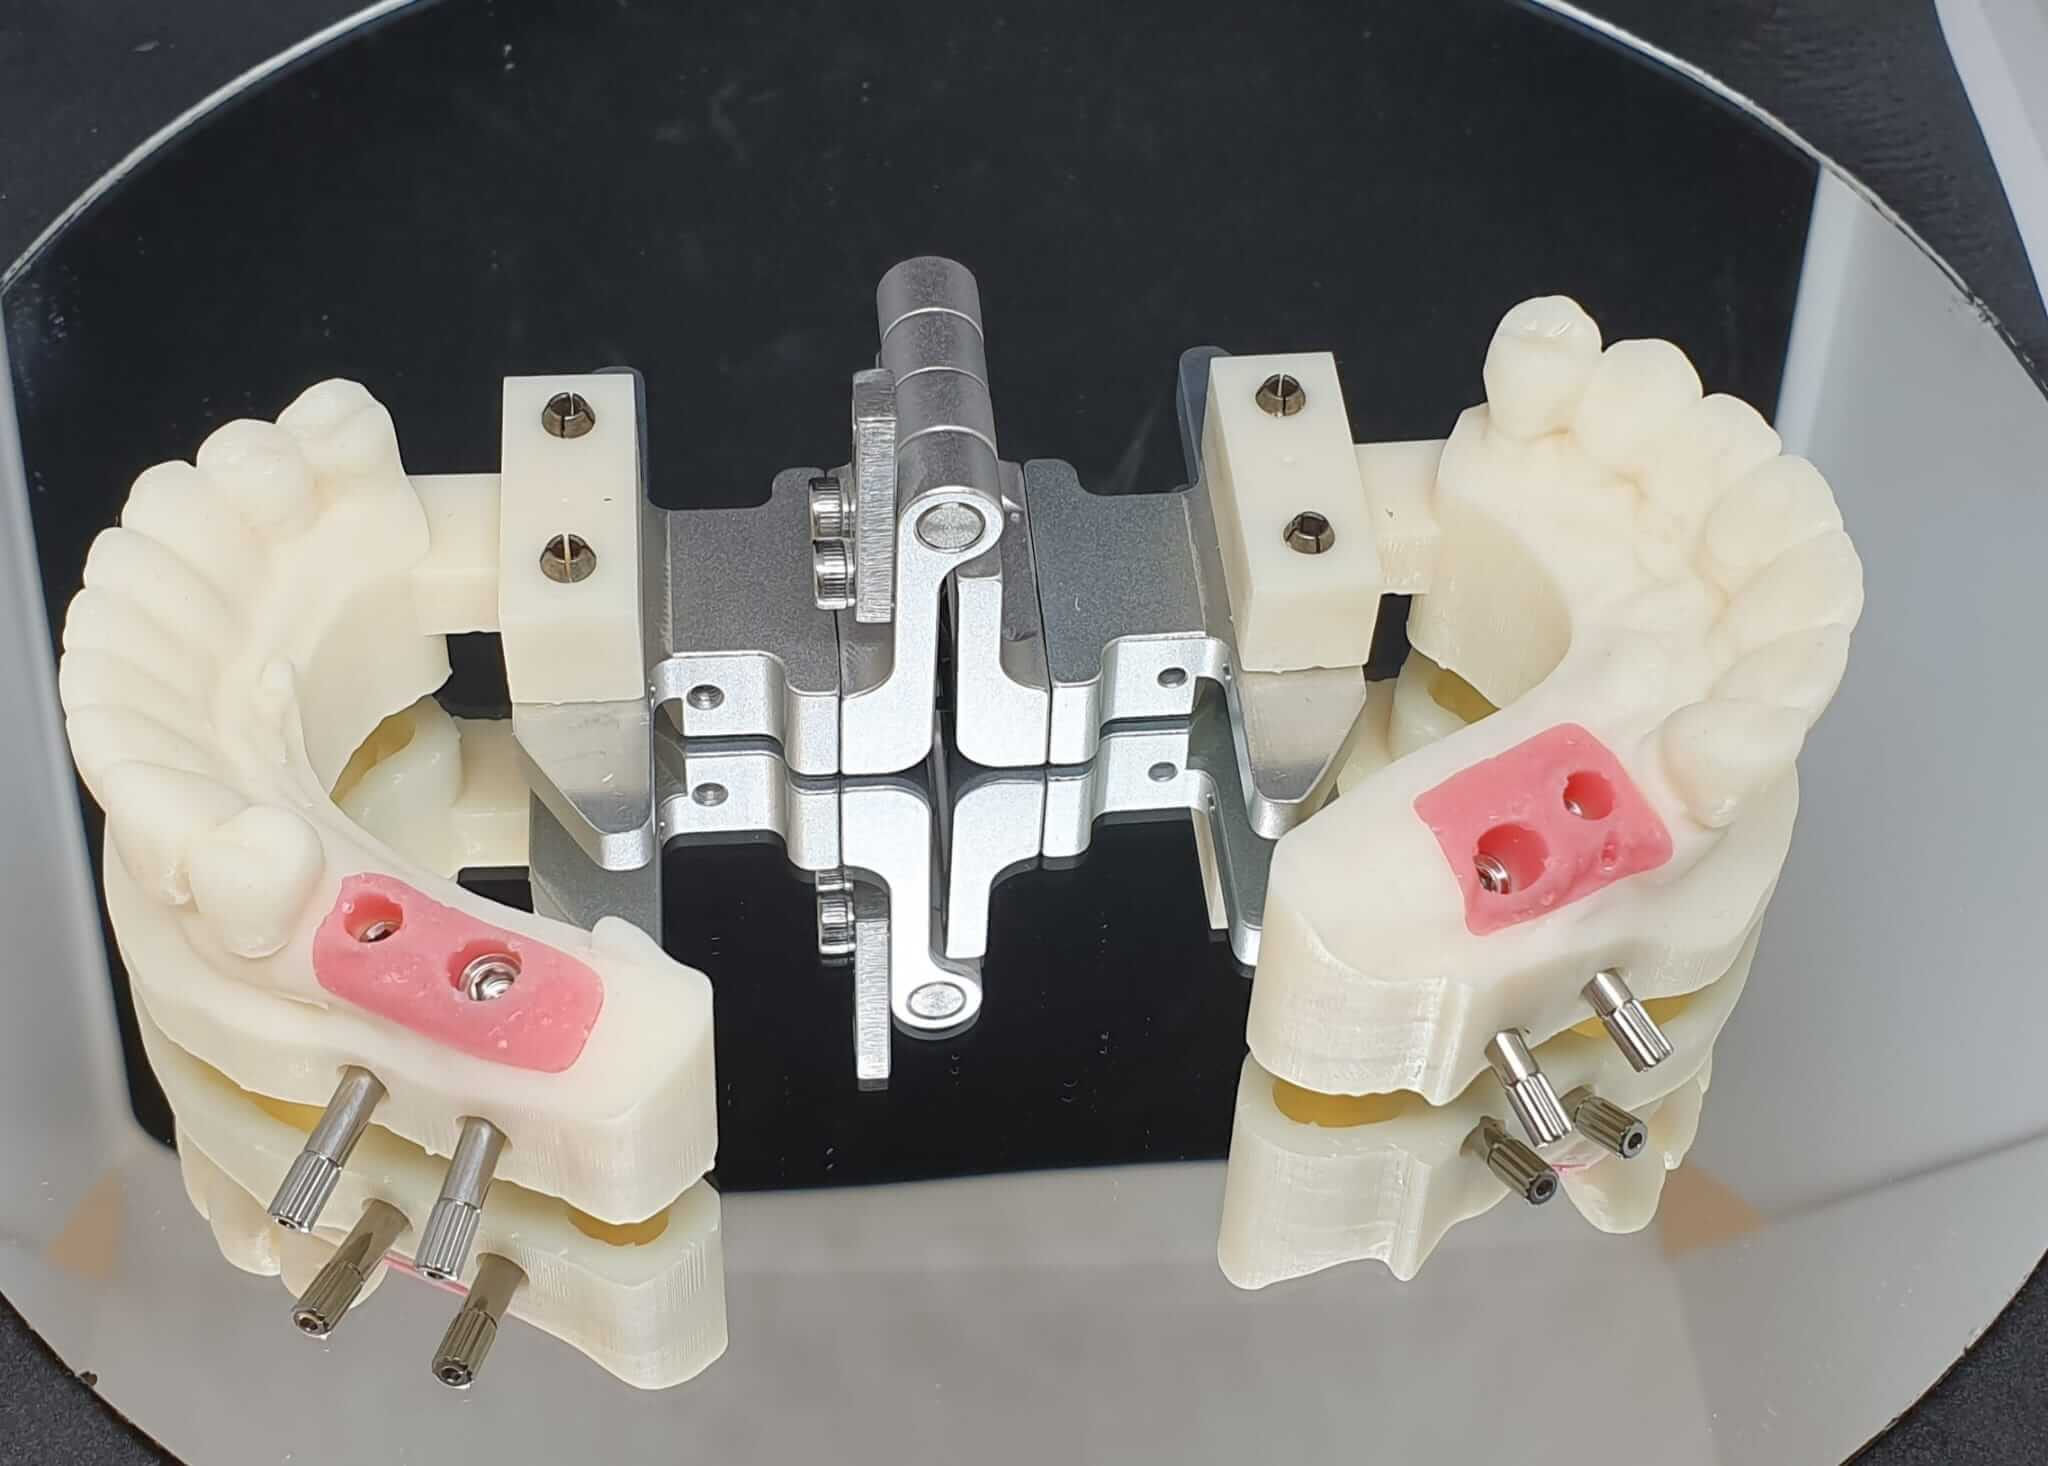 modelo 3d impreso laboratorio